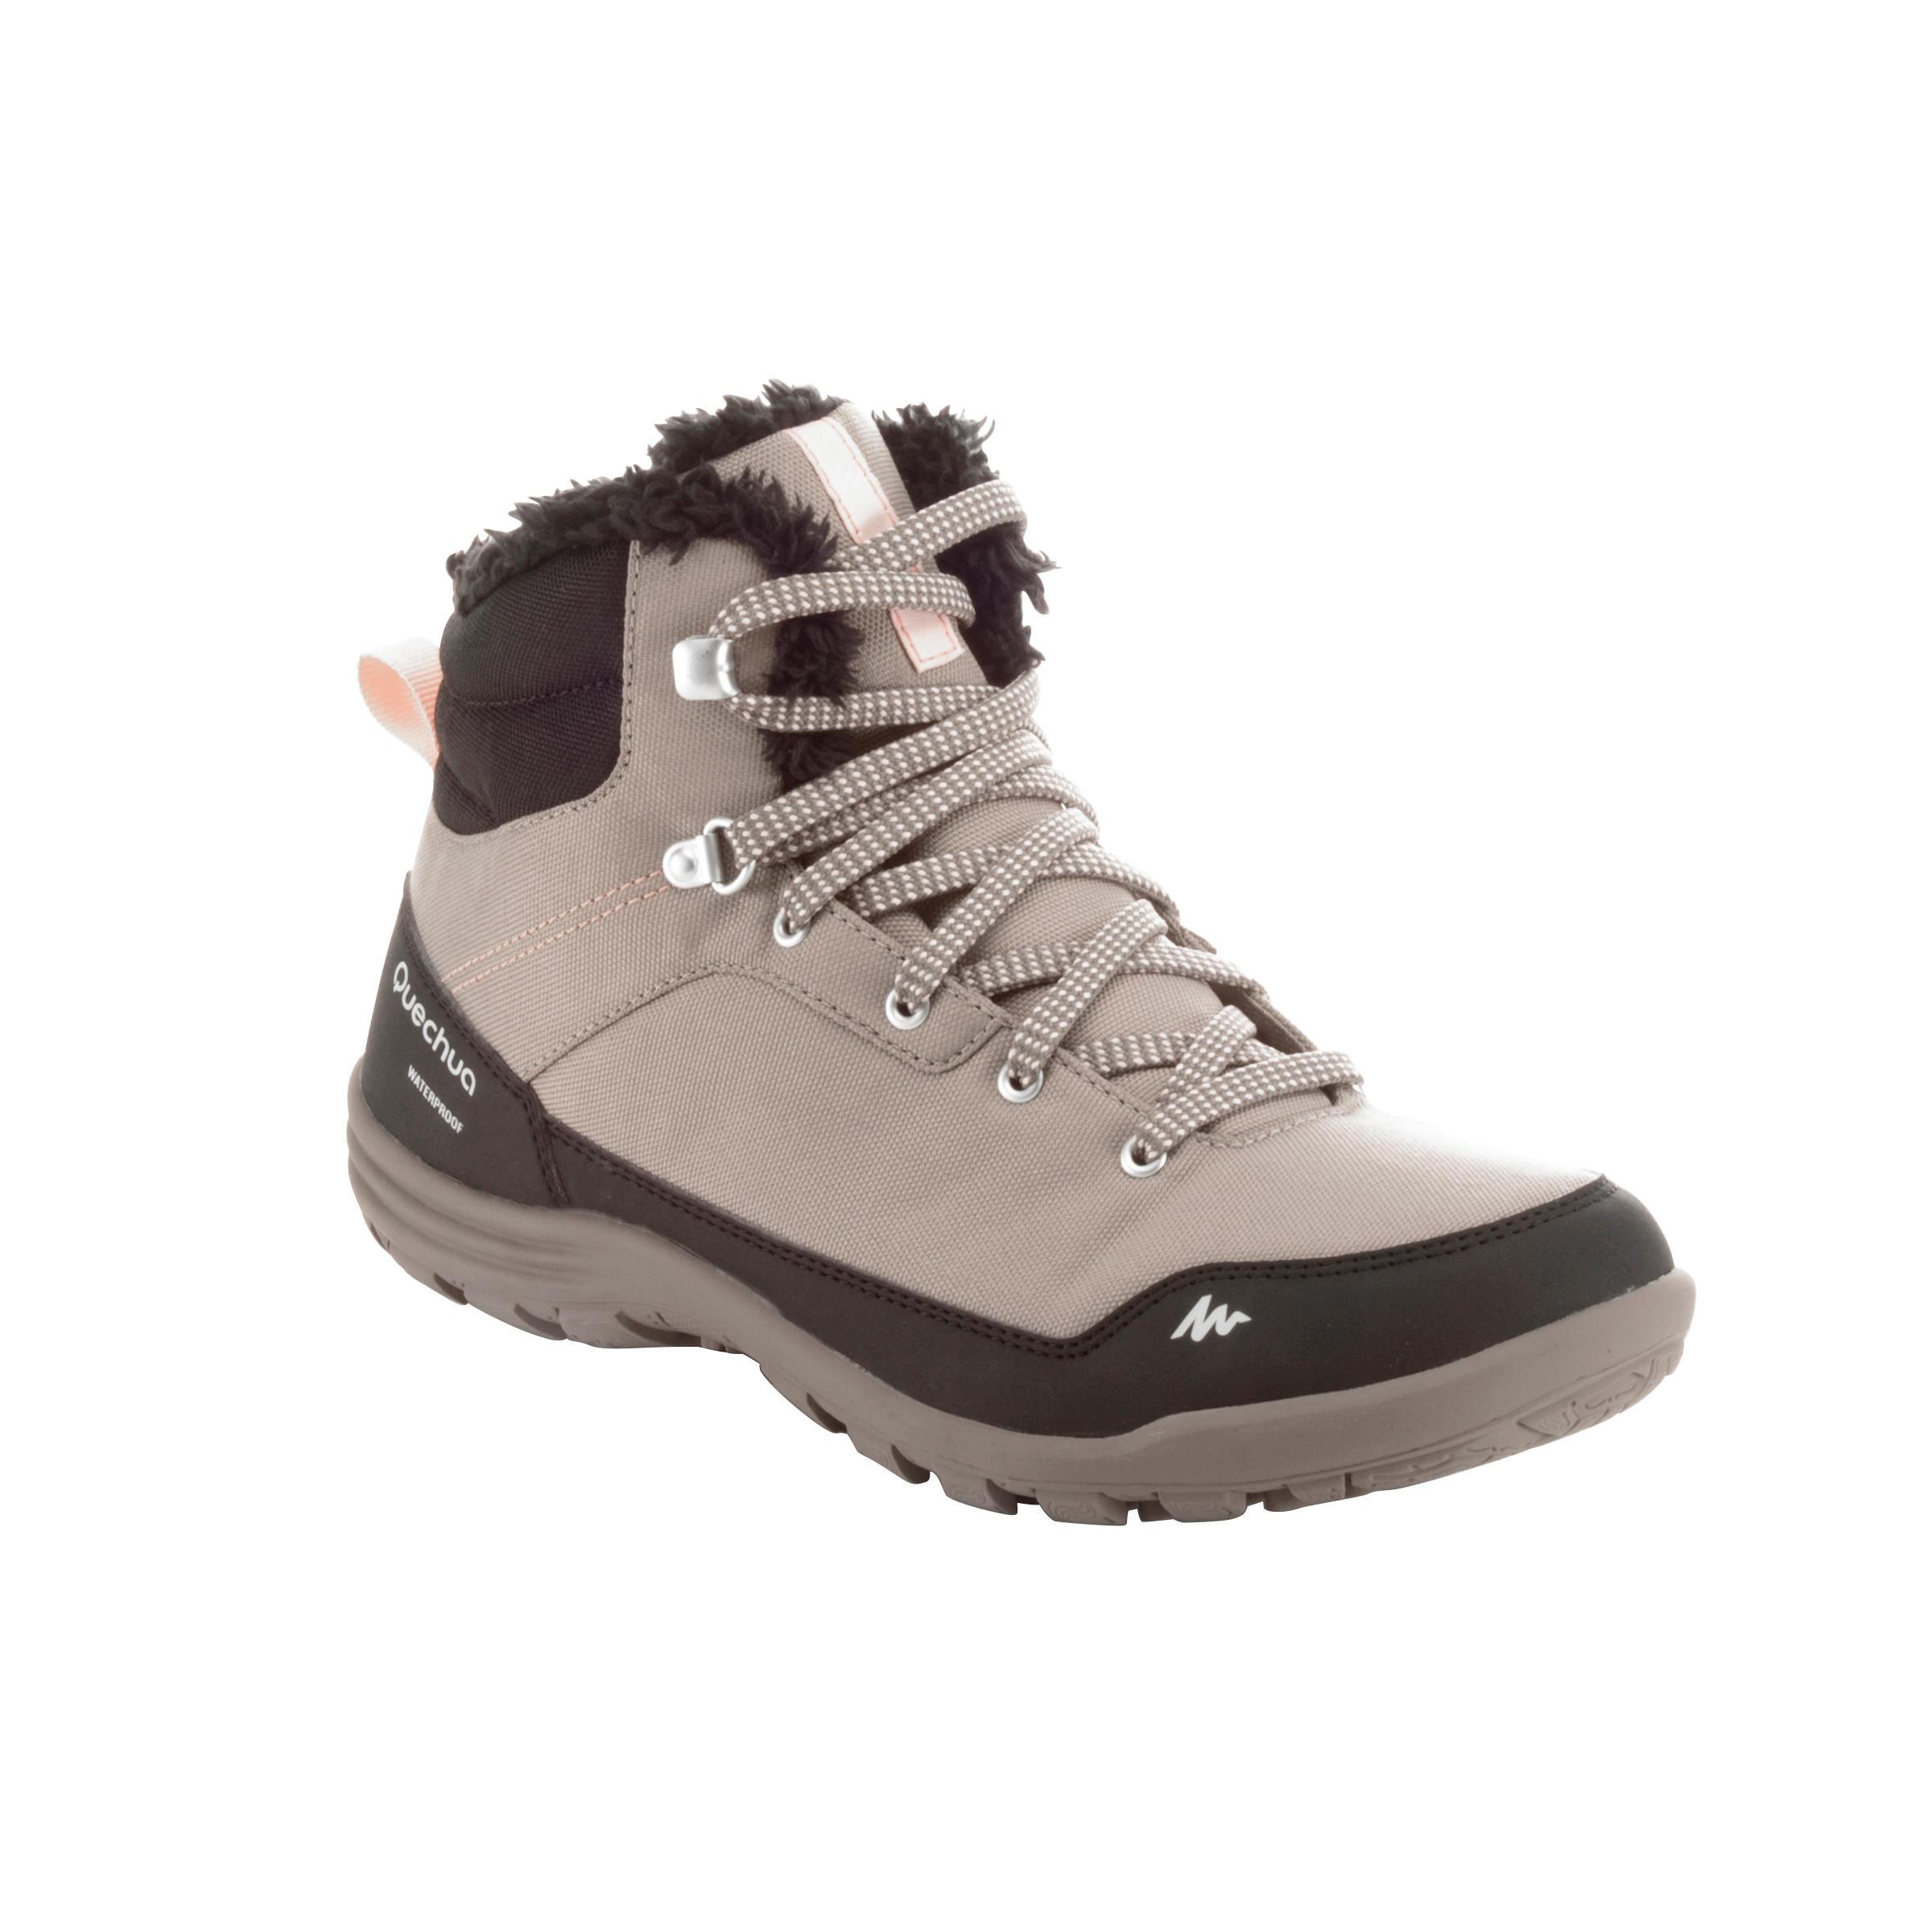 Chaussures Imperméables De Femme Chaudes Randonnée Neige Et Sh100 m80nOvNw